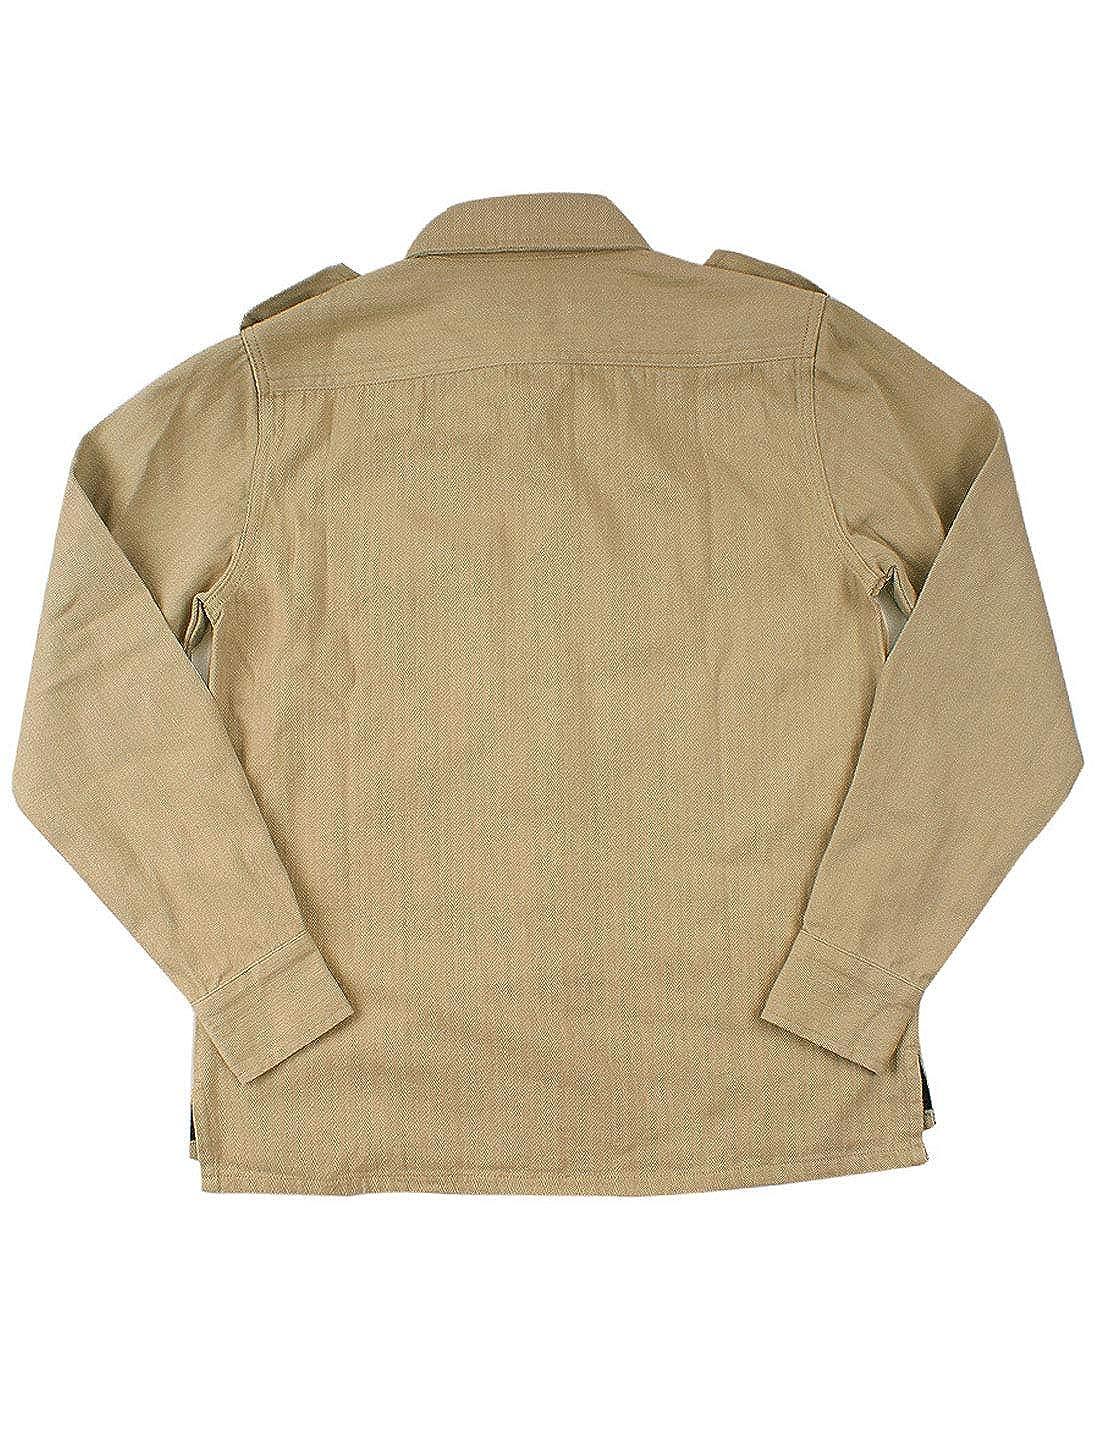 d71a34966 Khaki HUPOO Men's Lapel Collar Epaulet Epaulet Epaulet Buttons ...